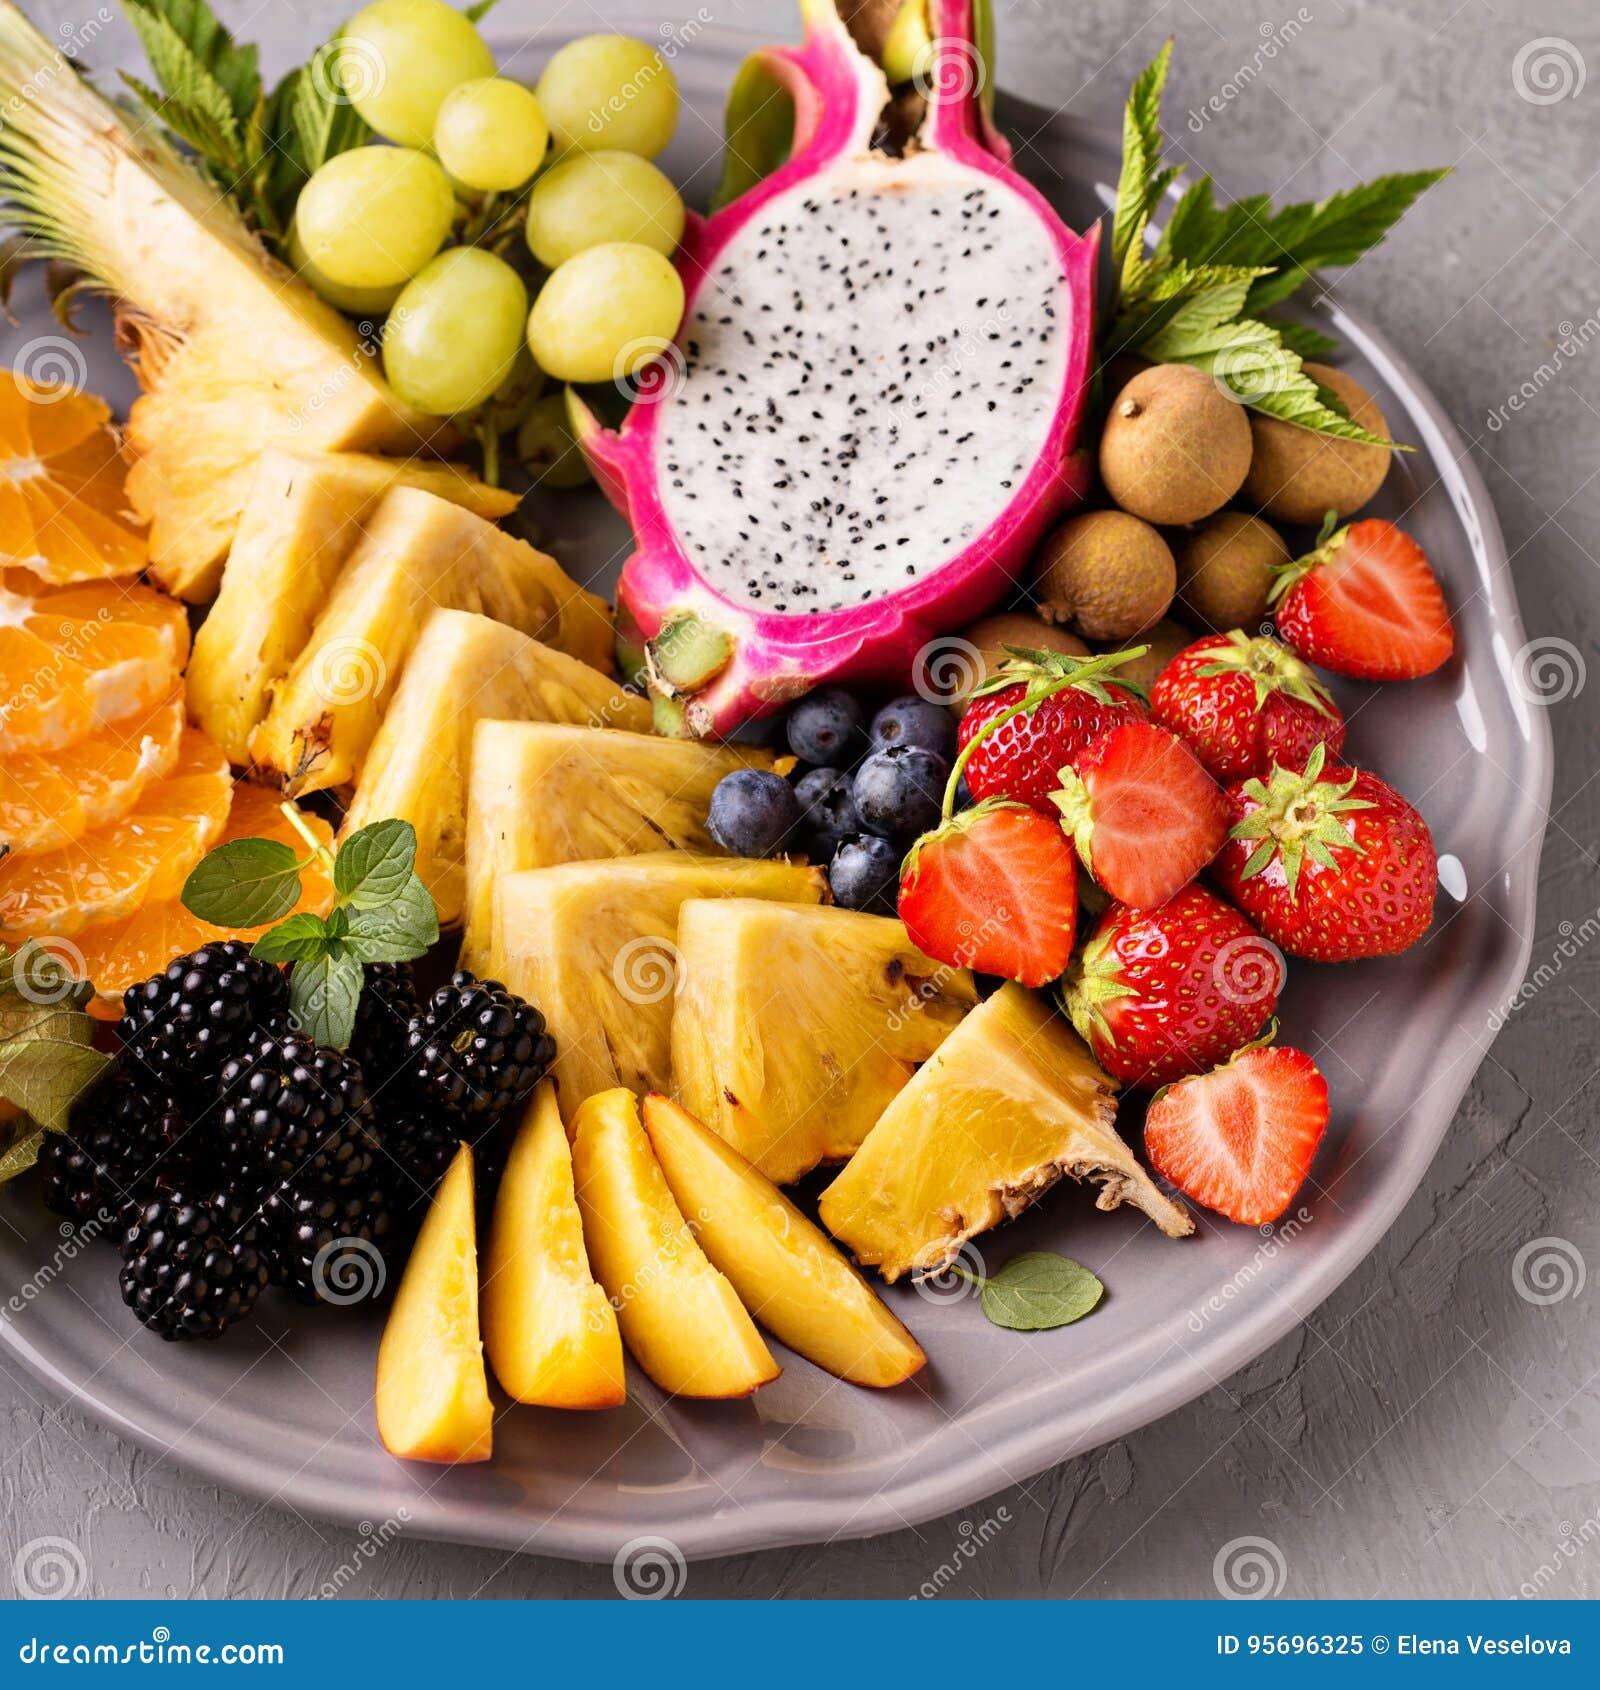 Fruits exotiques sur un plateau image stock image 95696325 - Image fruit exotique ...